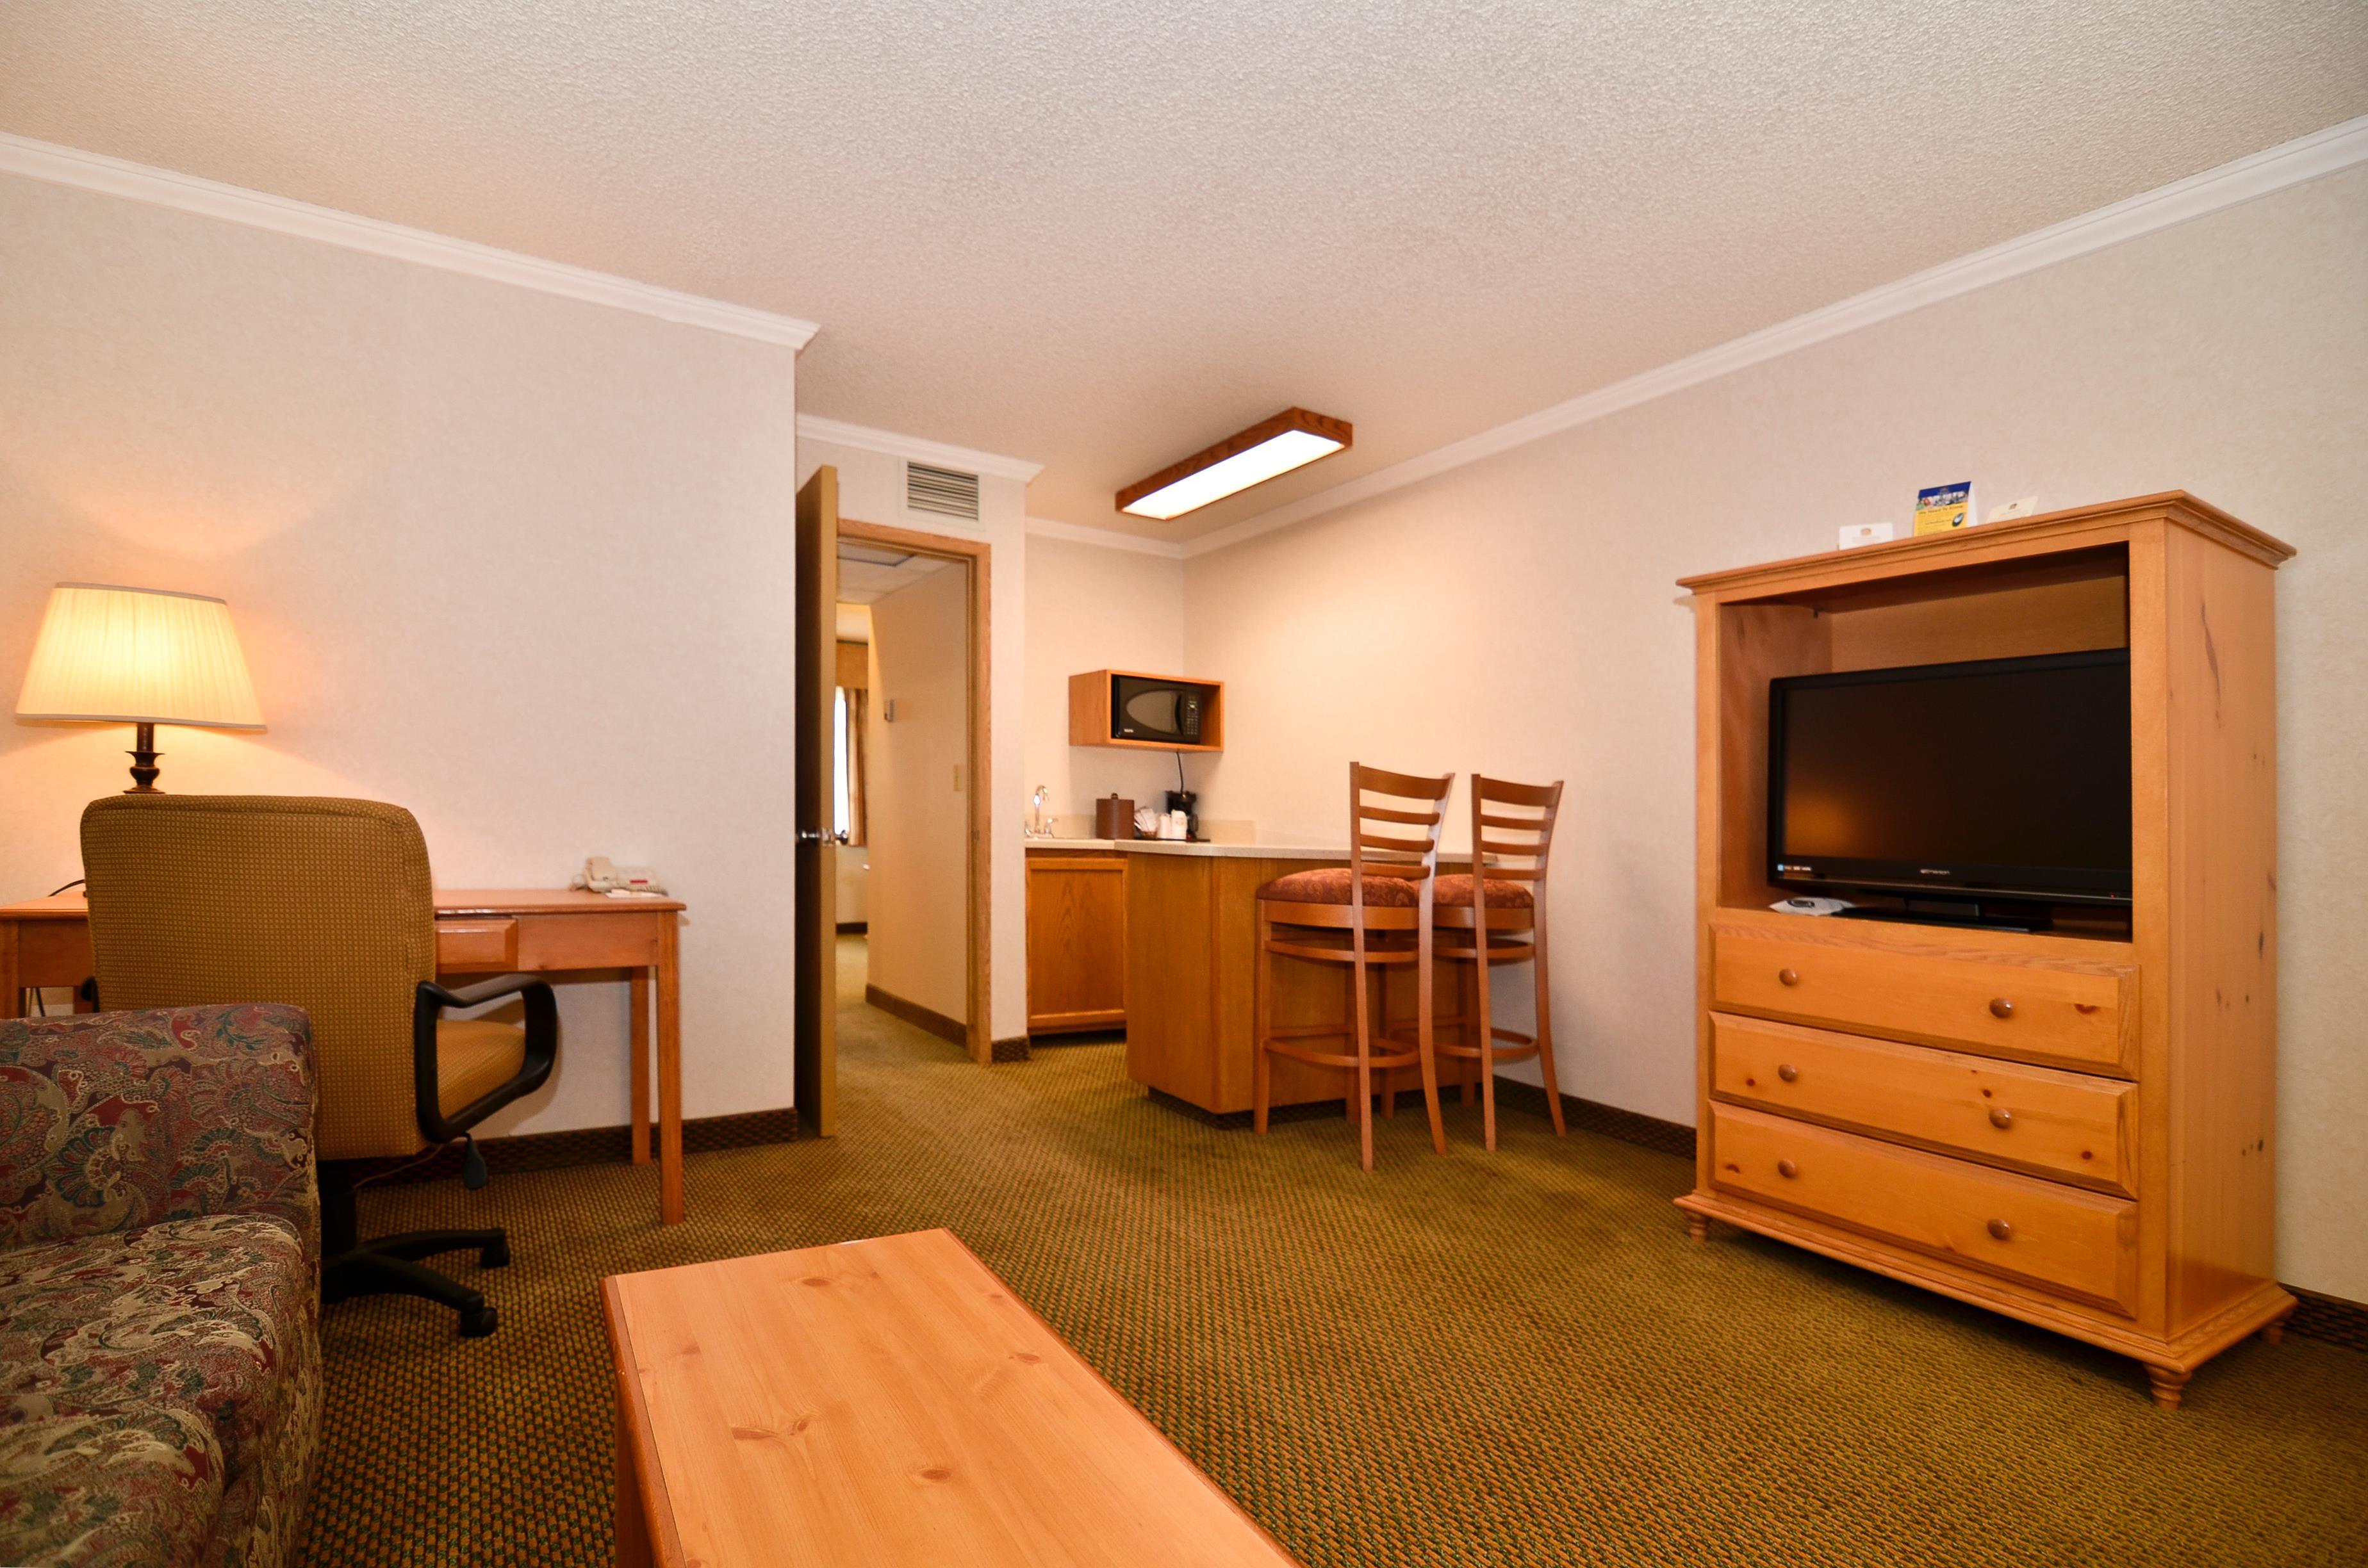 Best Western Inn & Suites image 8